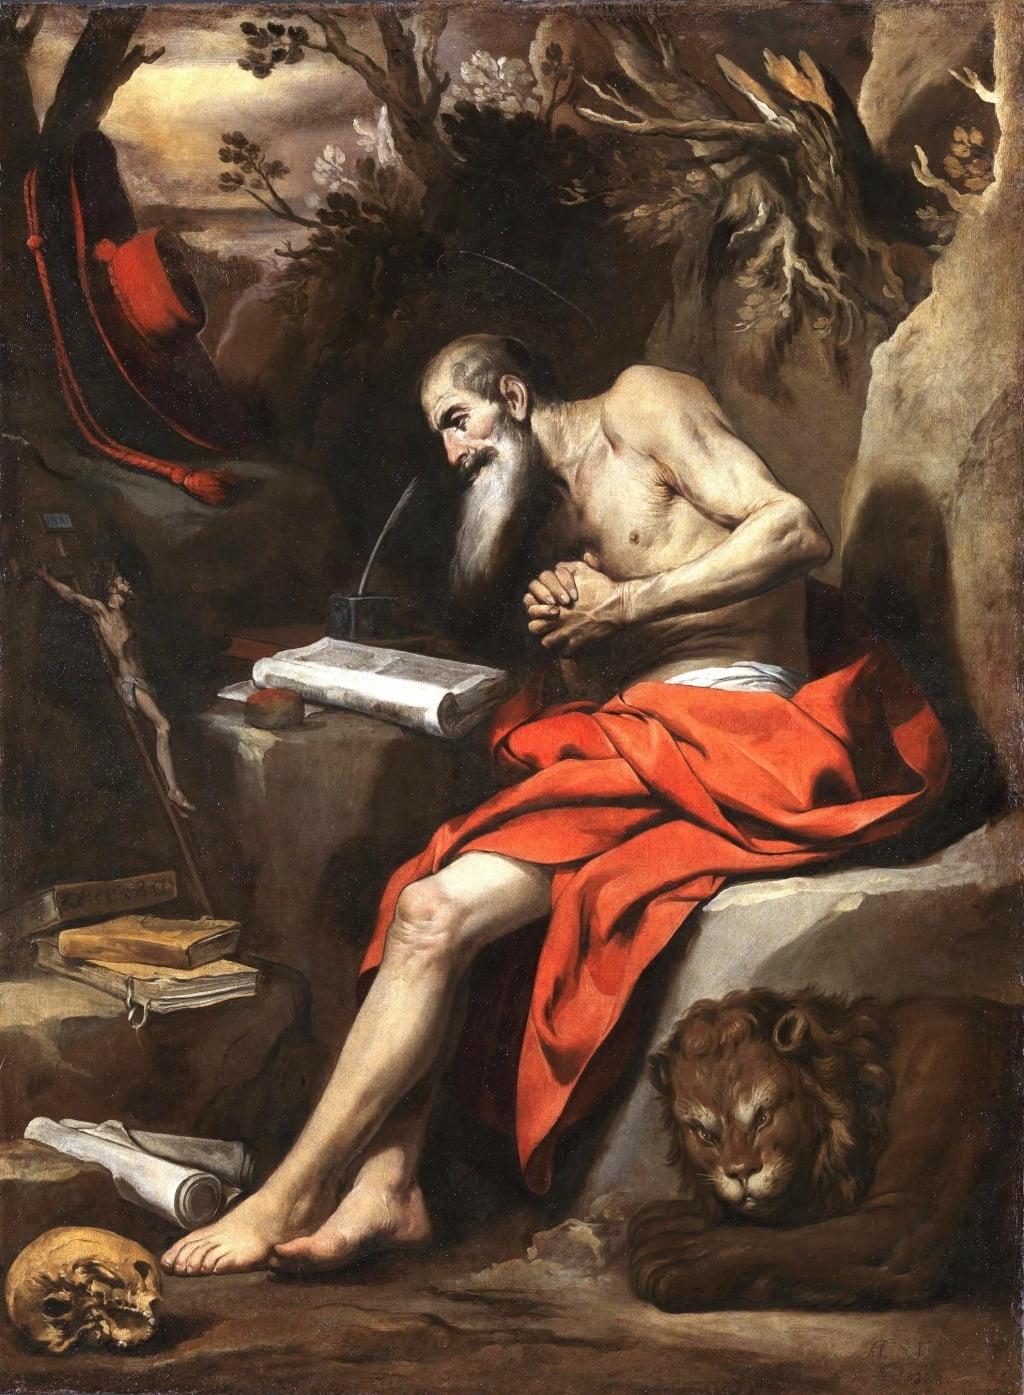 Septiembre ha llegado a su fin y para celebrarlo se conmemora la festividad de San Jerónimo. Si te interesa conocer un poco más acerca de este Santo,